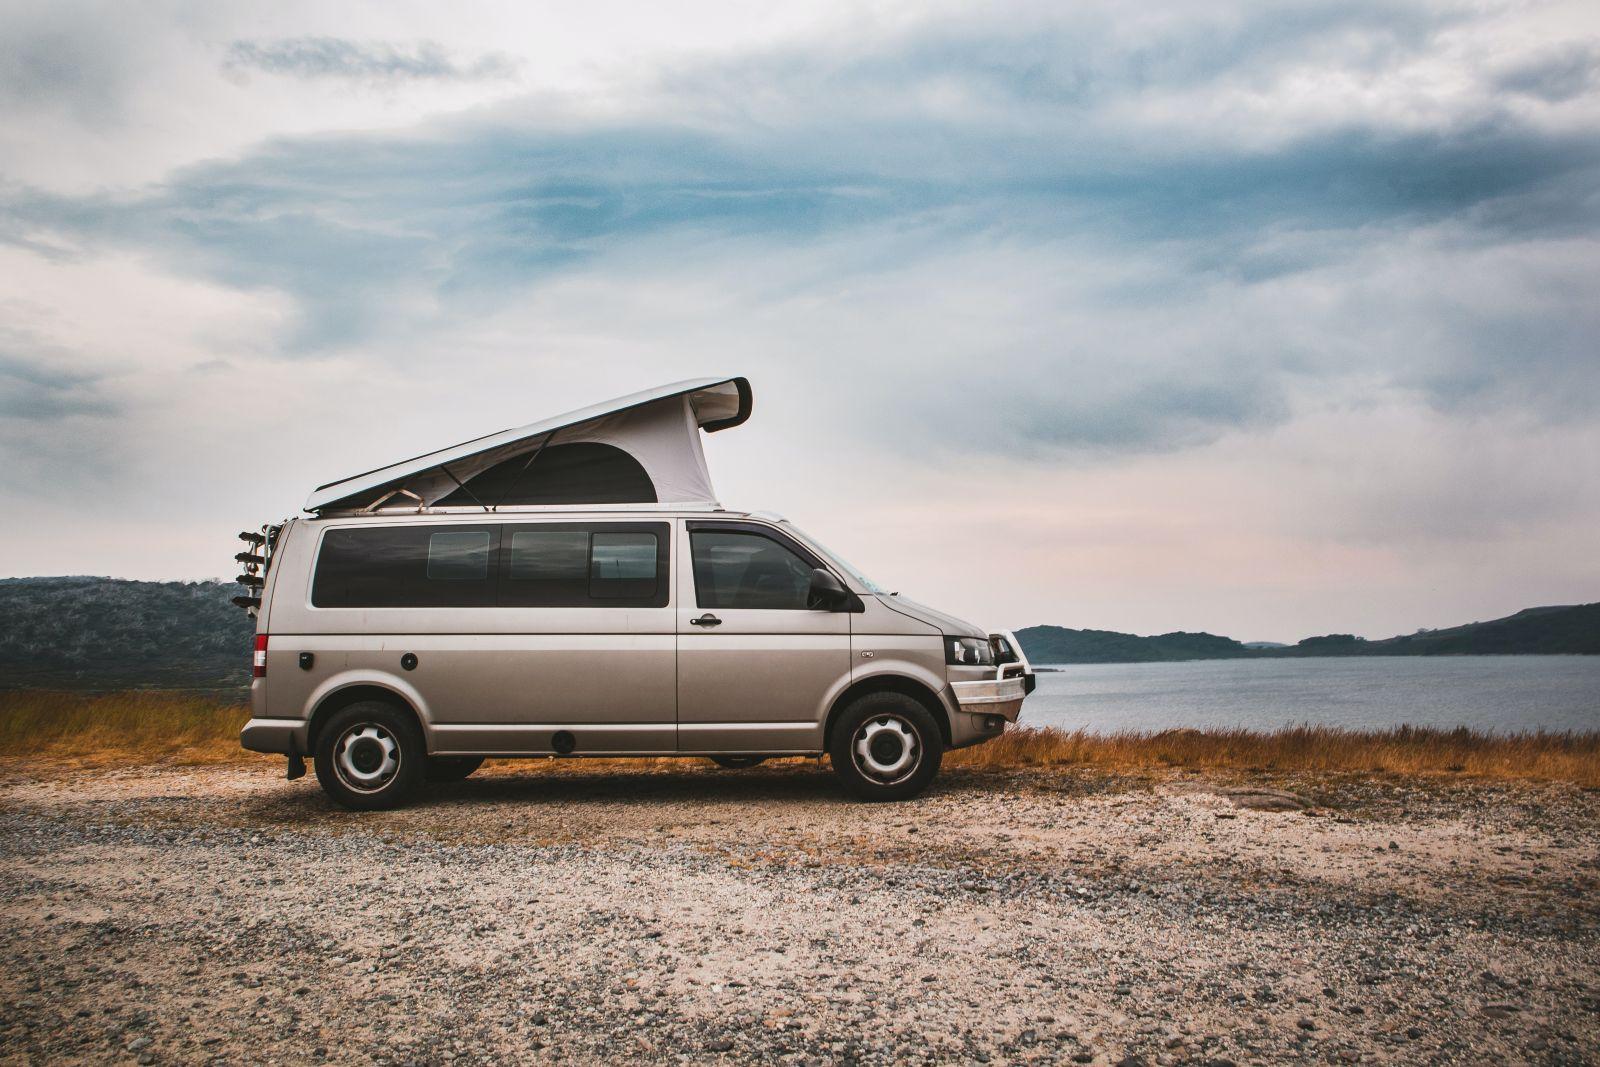 Grandi o piccole che siano le dimensioni di un camper possono incidere notevolmente sull'esperienza di guida